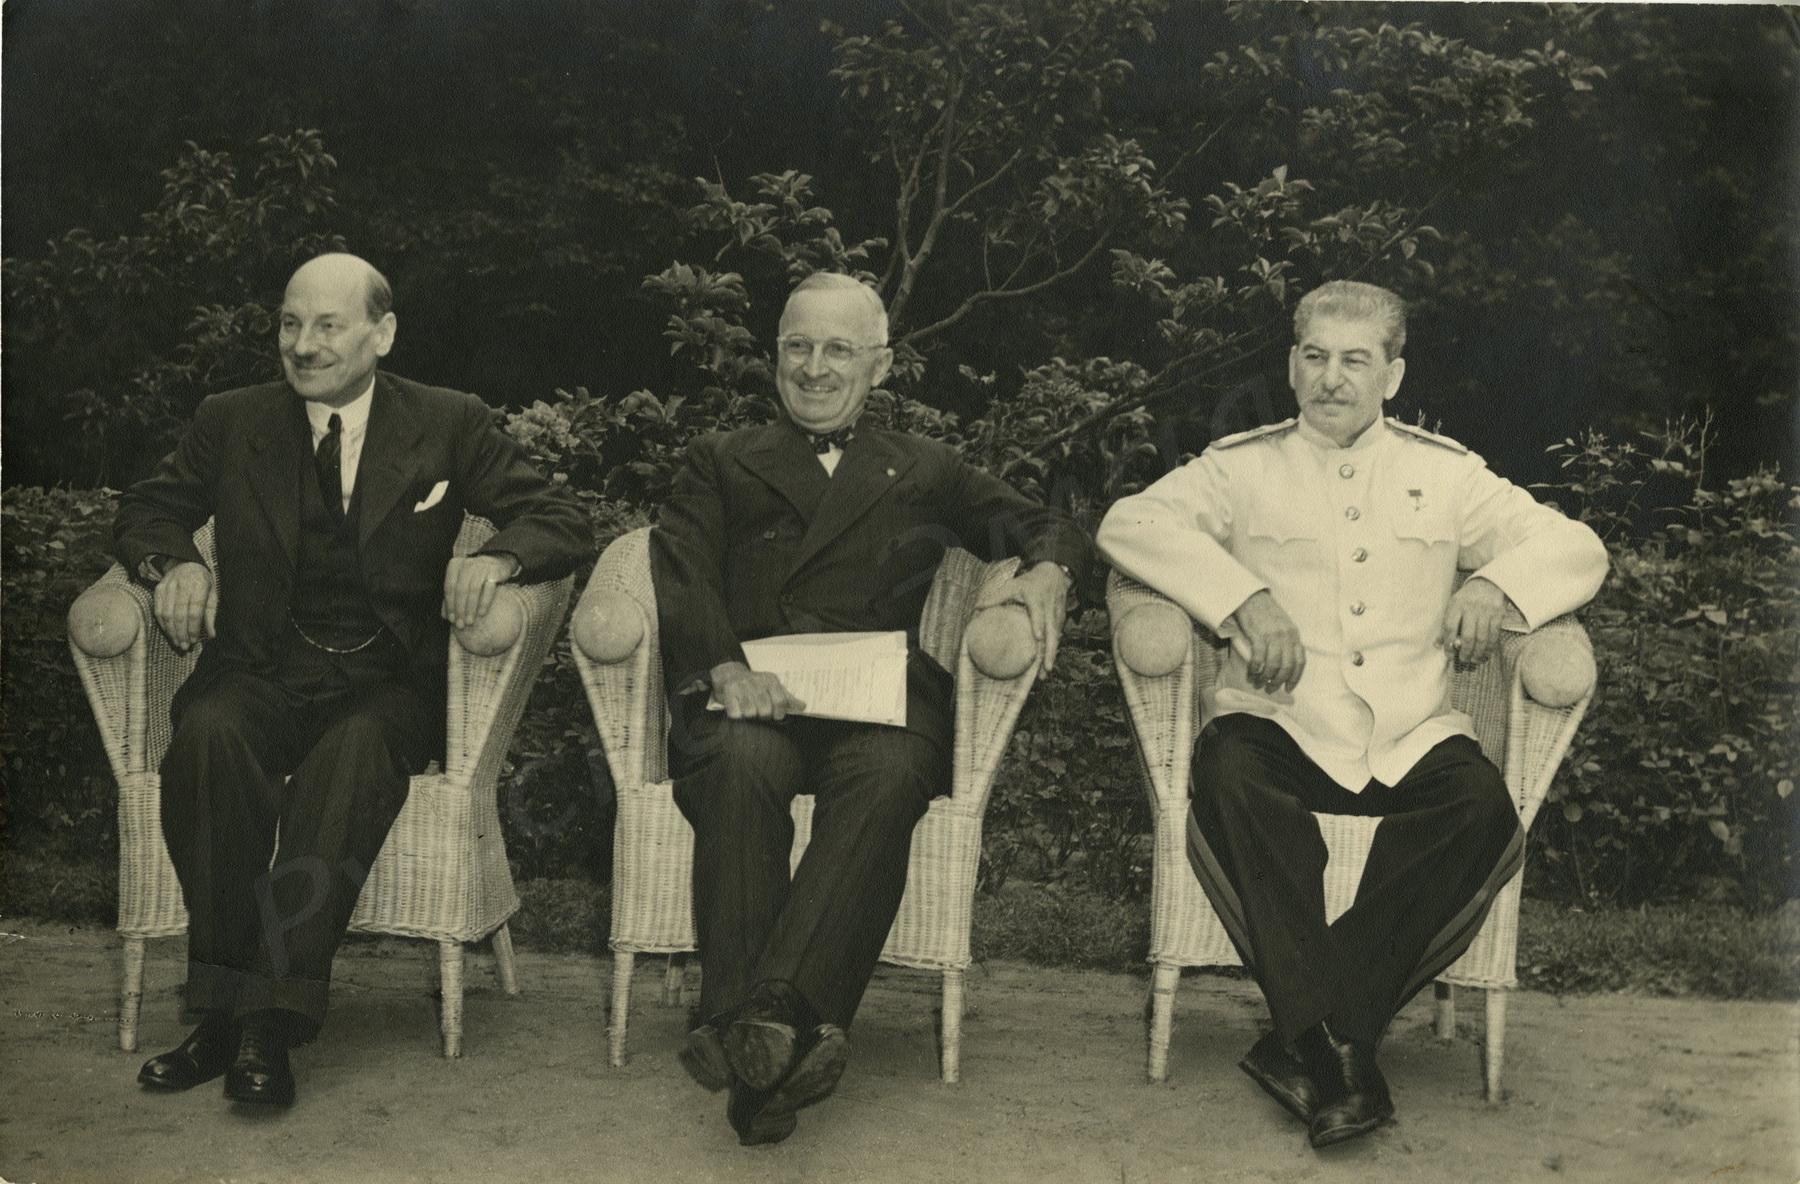 1945. К.Р. Эттли, Г. Трумэн, И.В. Сталин во время конференции в Потсдаме